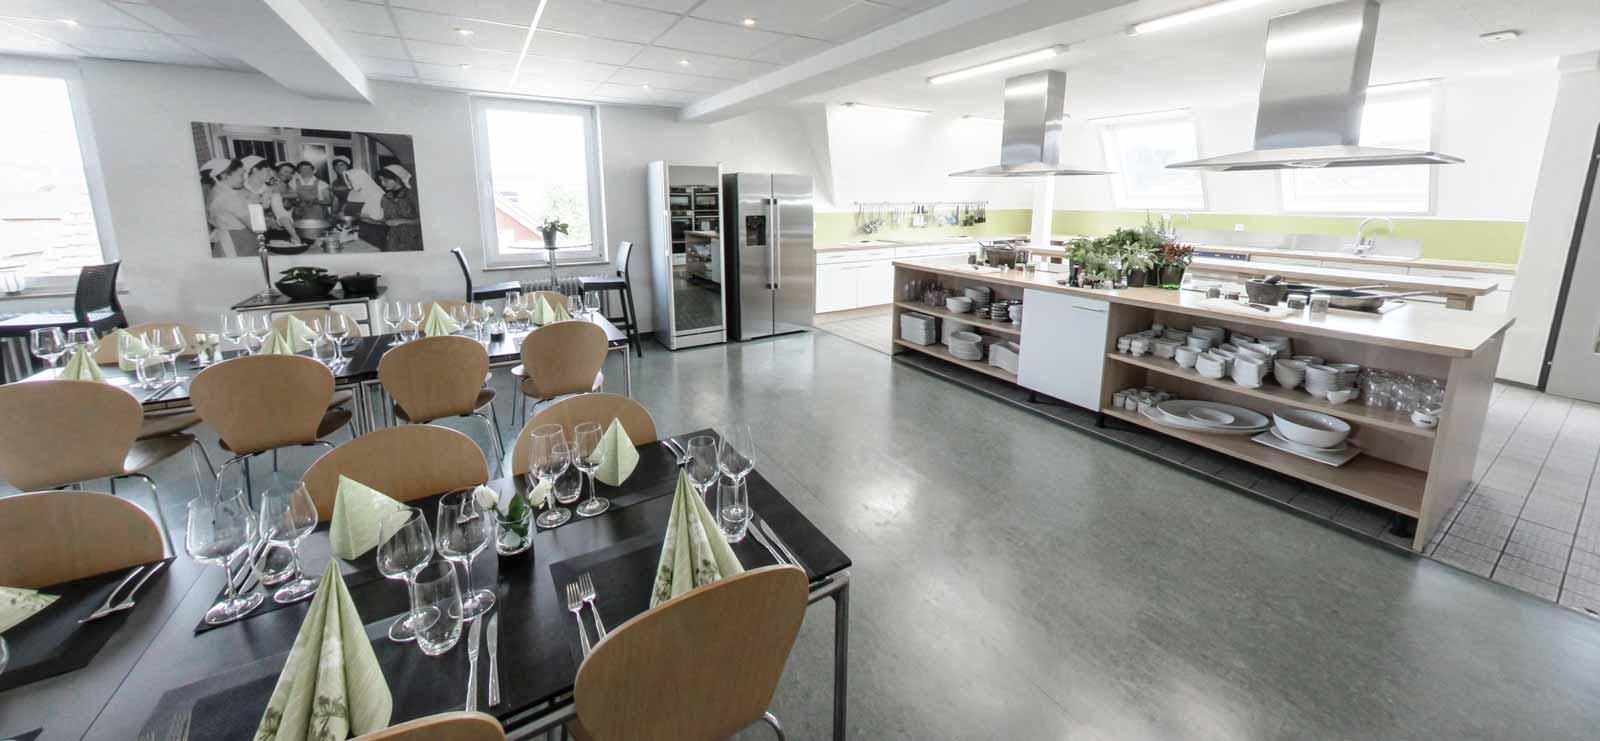 Kochschule  Kochschule Aalen - Home